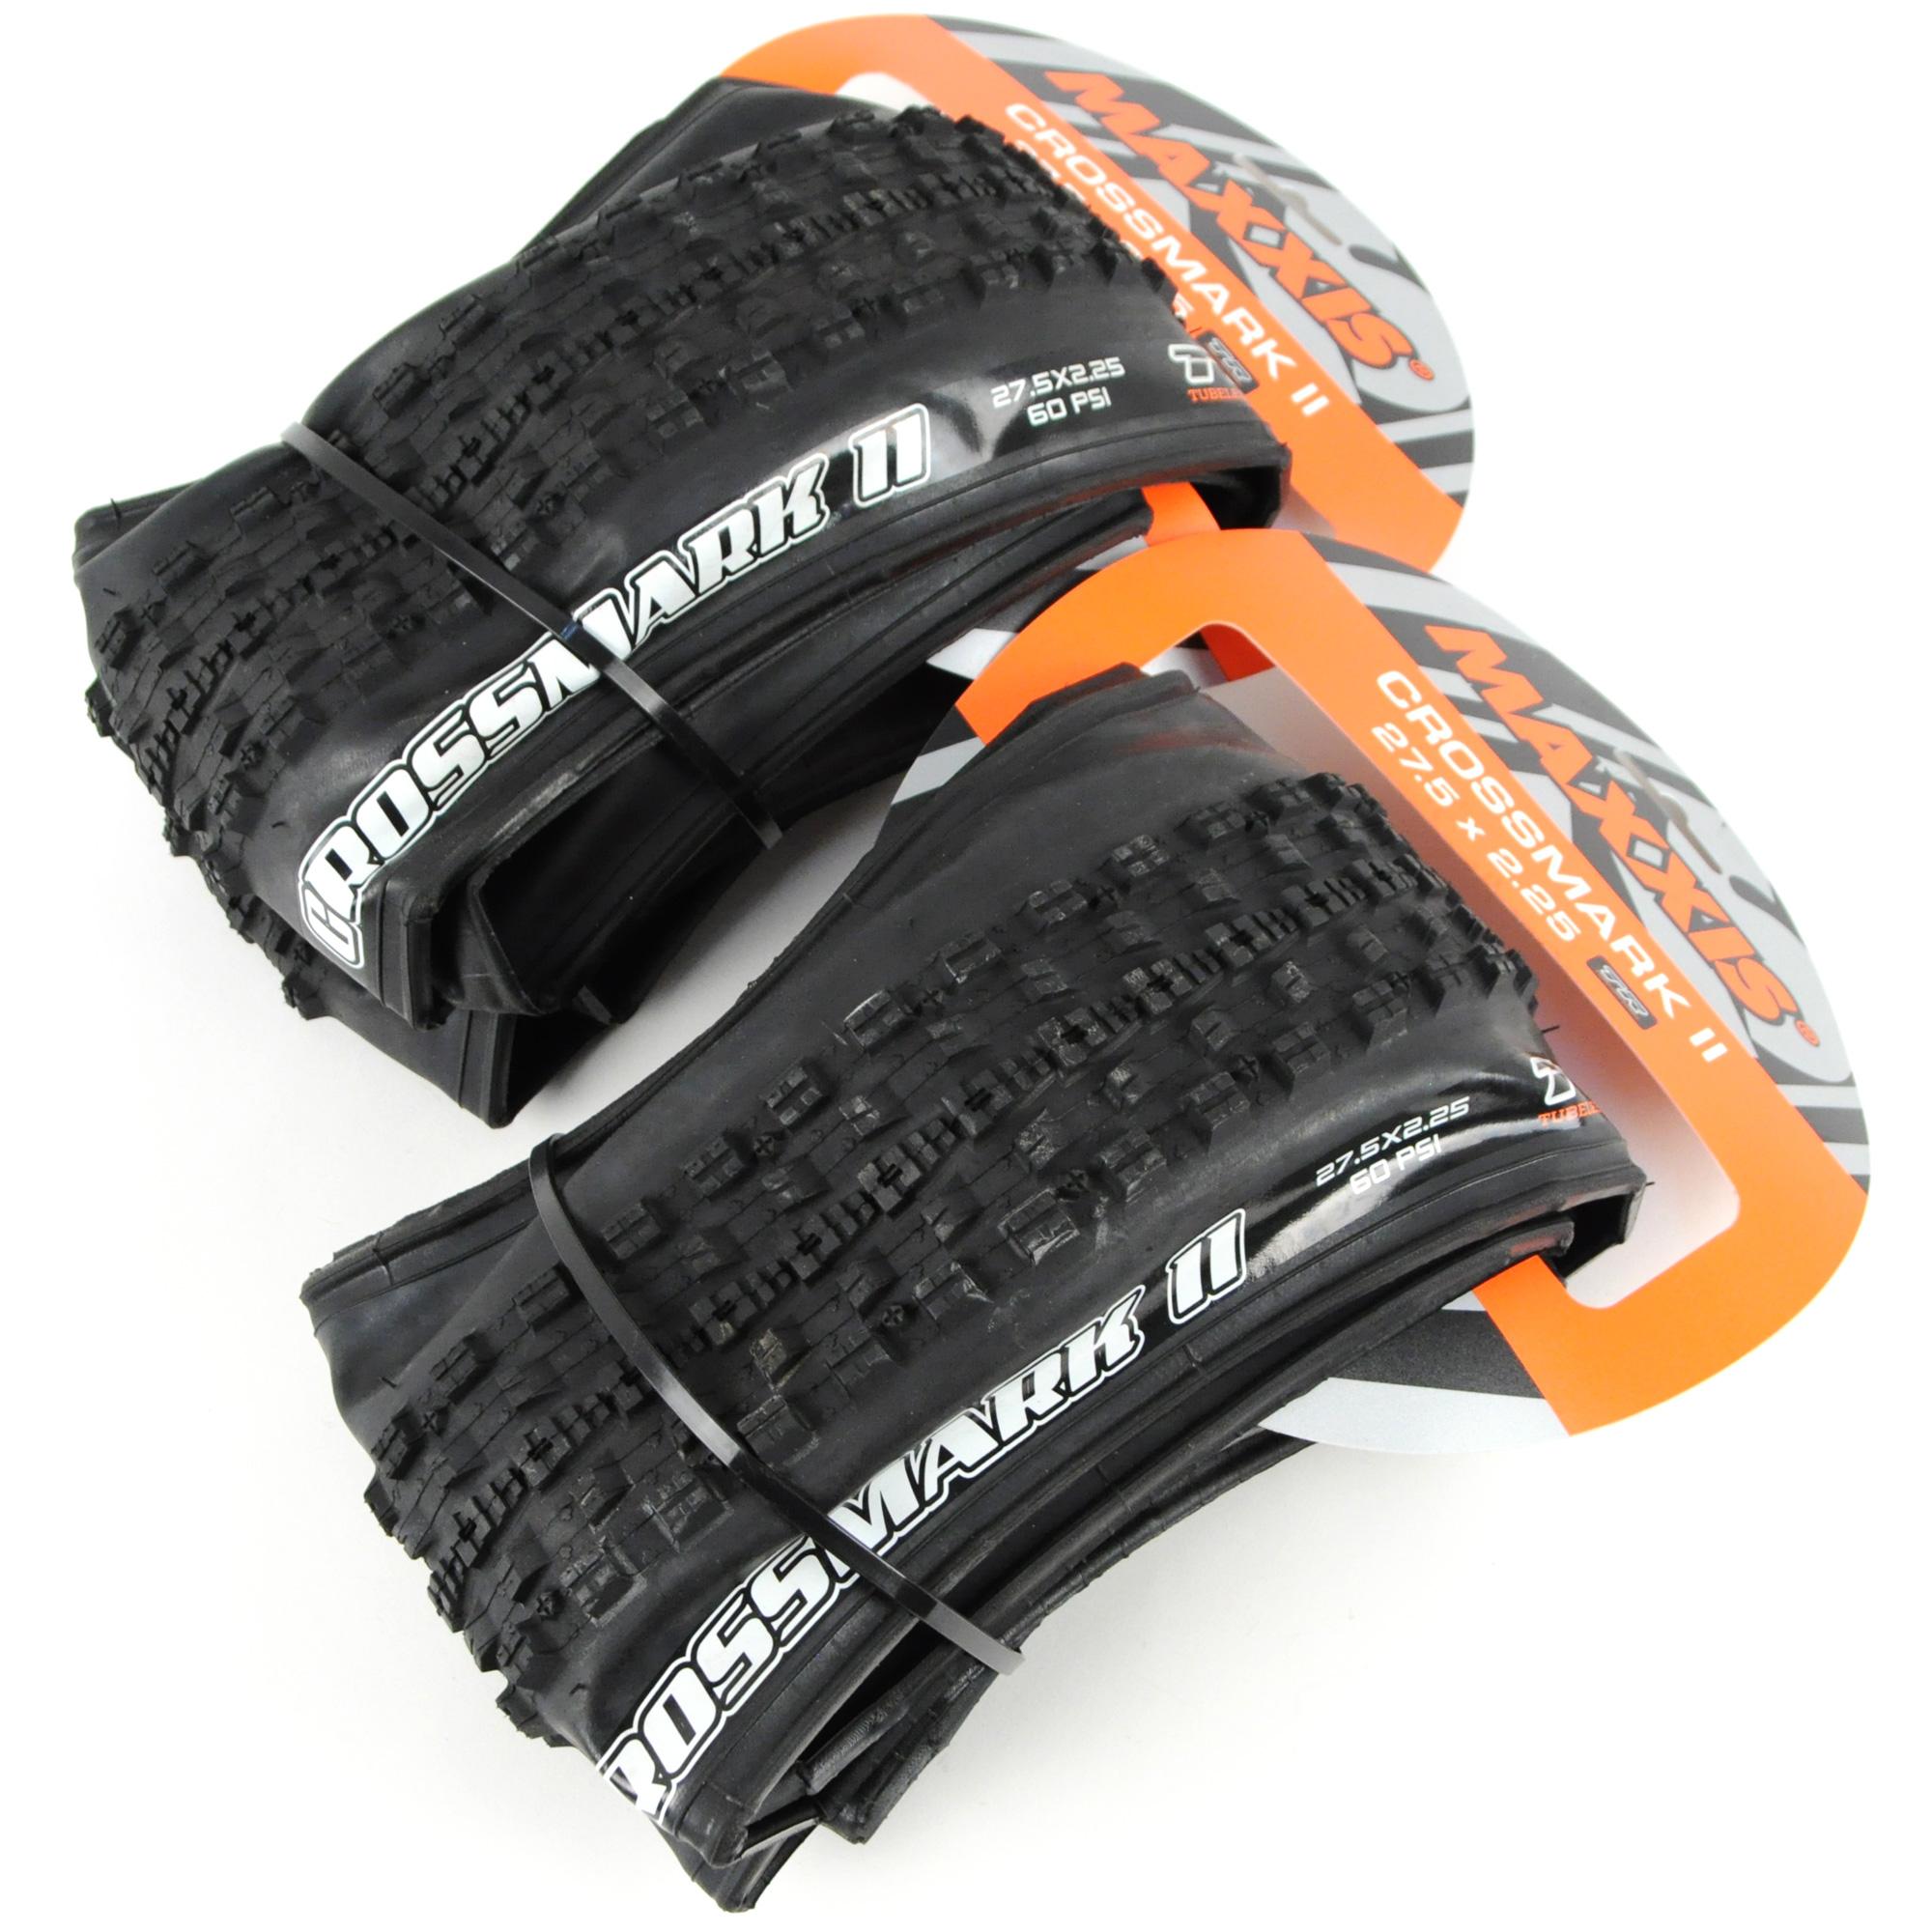 Maxxis Crossmark 27.5 x 2.25 Folding 60 TPI TR DC Black Mtn Bike Tire NEW!